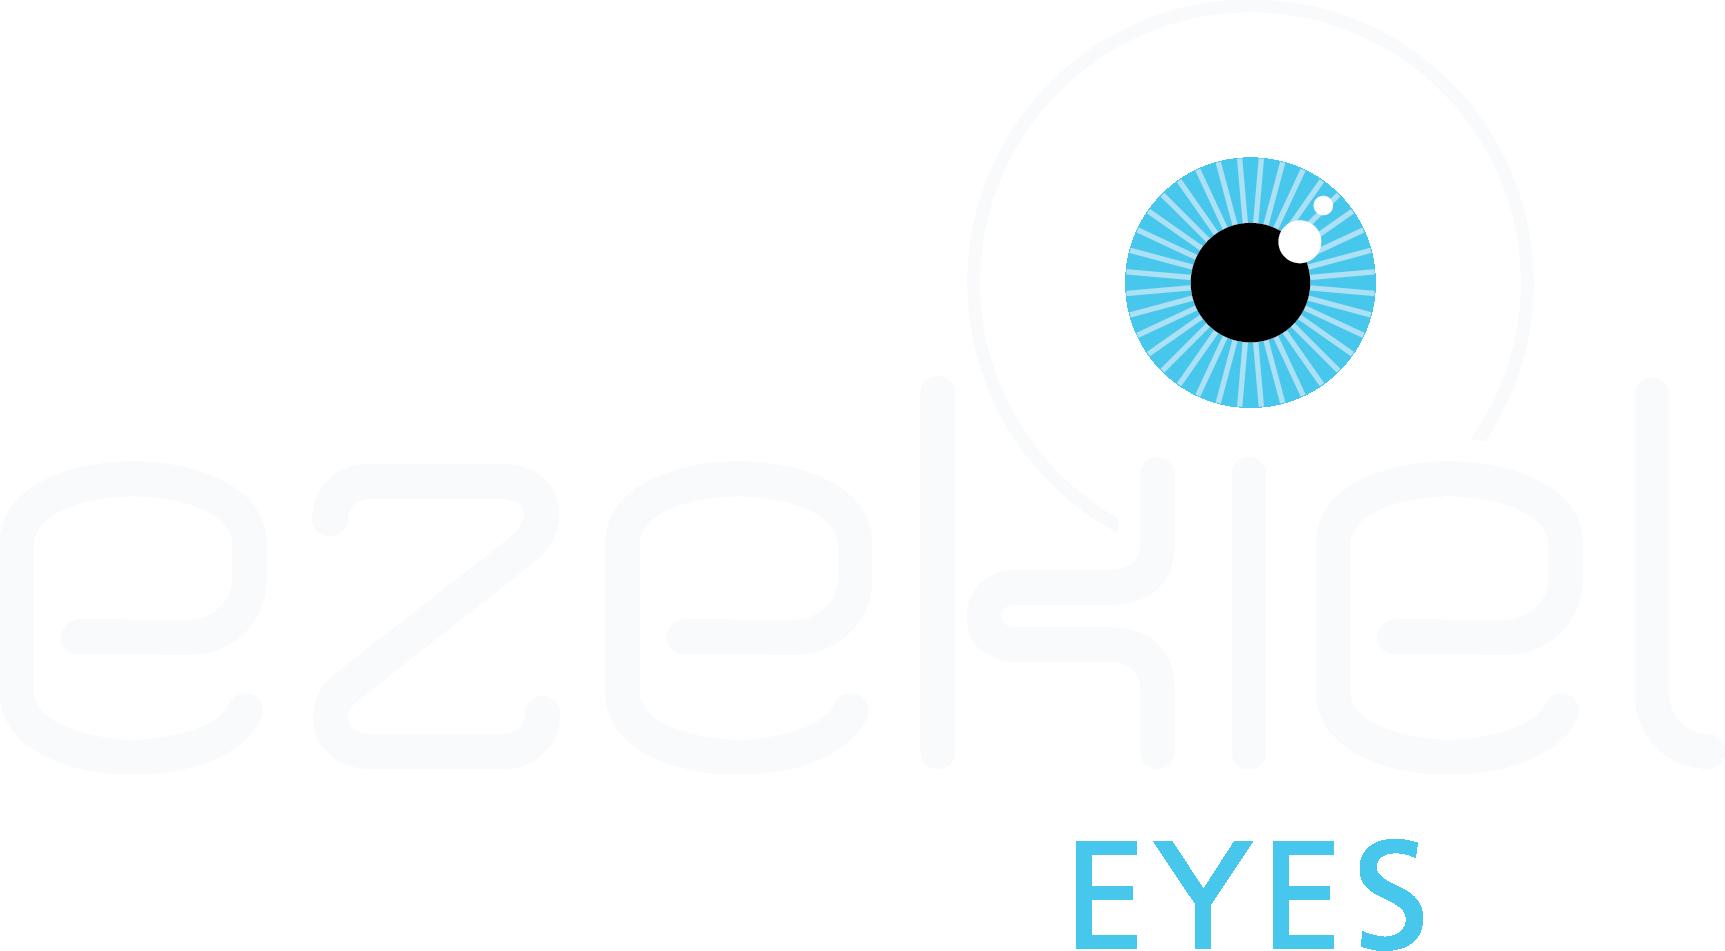 ezekiel eyes logo reversed